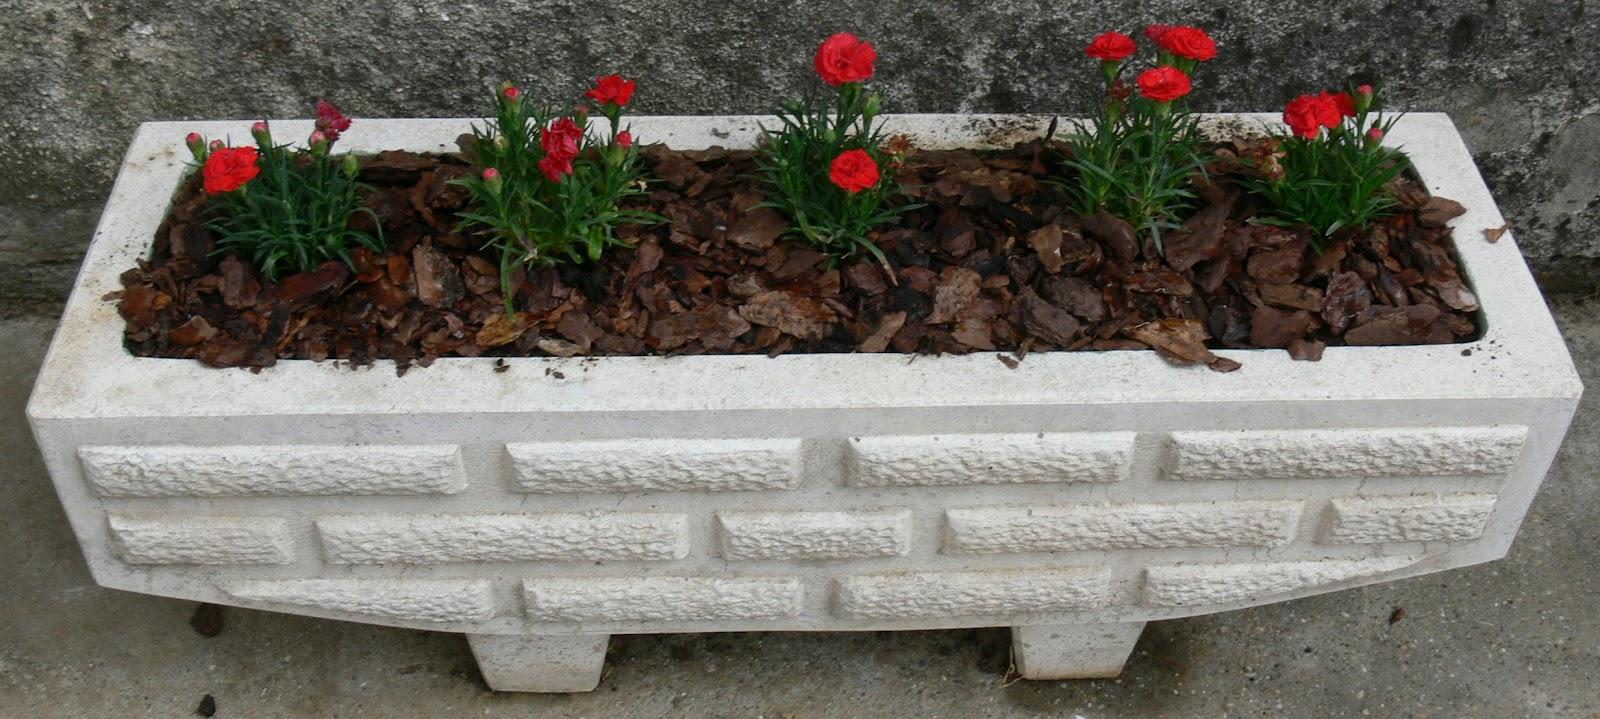 Бетонные вазоны уличные для цветов: советы по самостоятельному изготовлению Beton-House